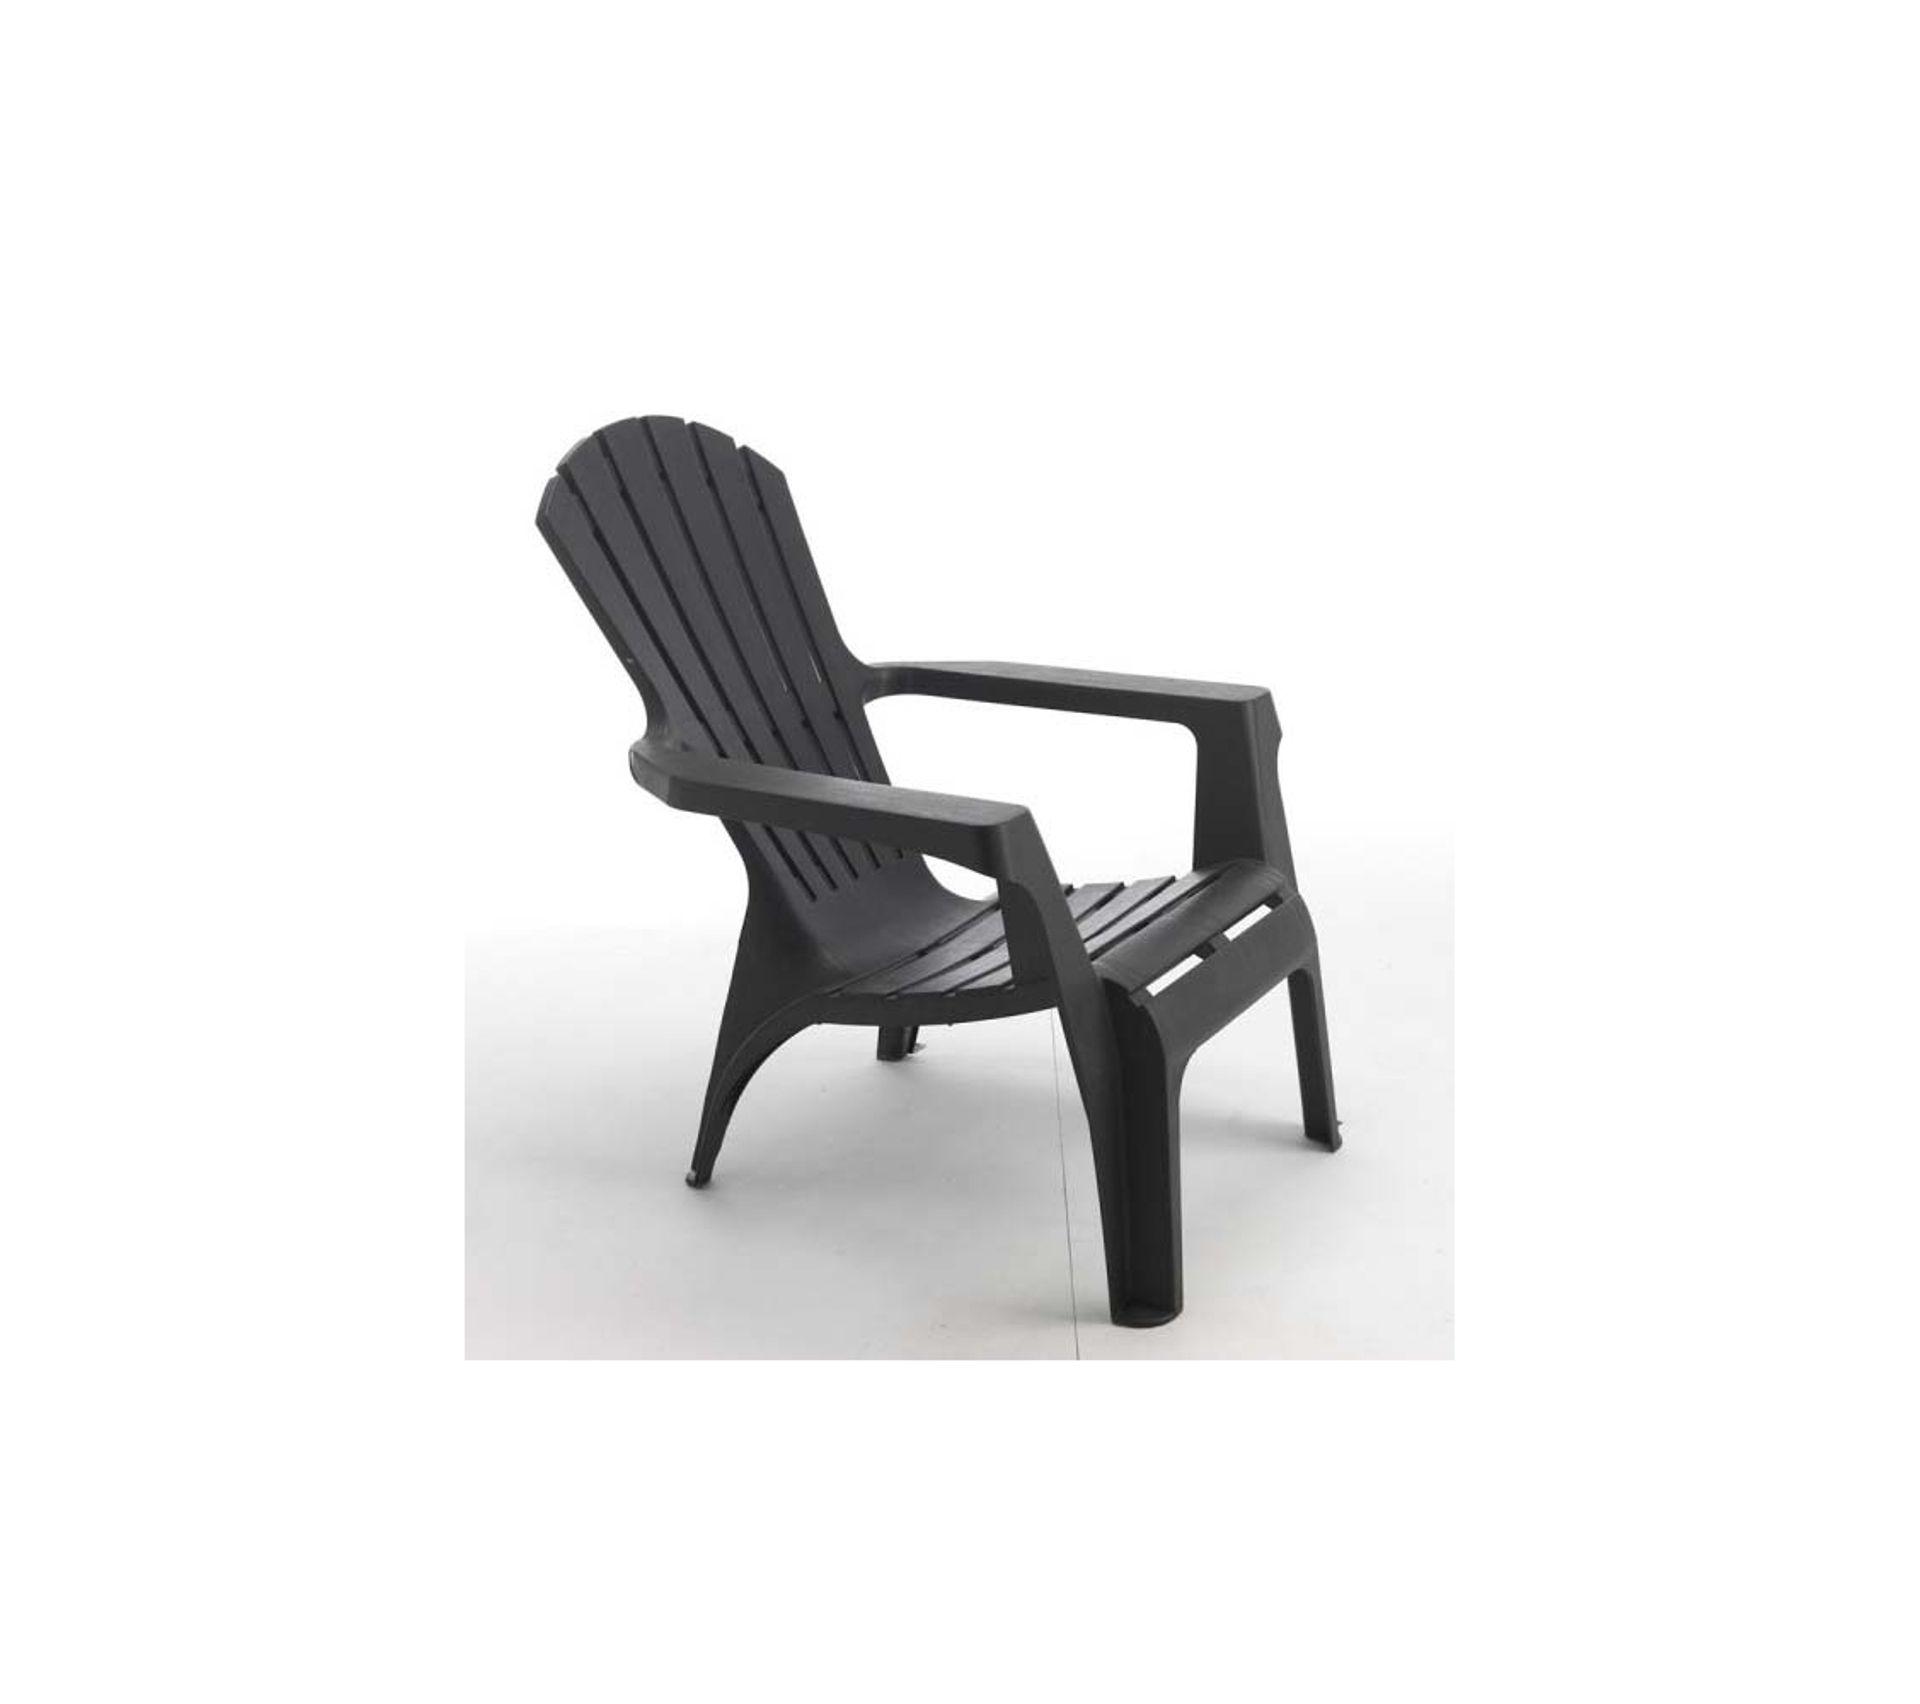 Coussin Pour Fauteuil Adirondack fauteuil adirondack en résine polypropylène anthracite